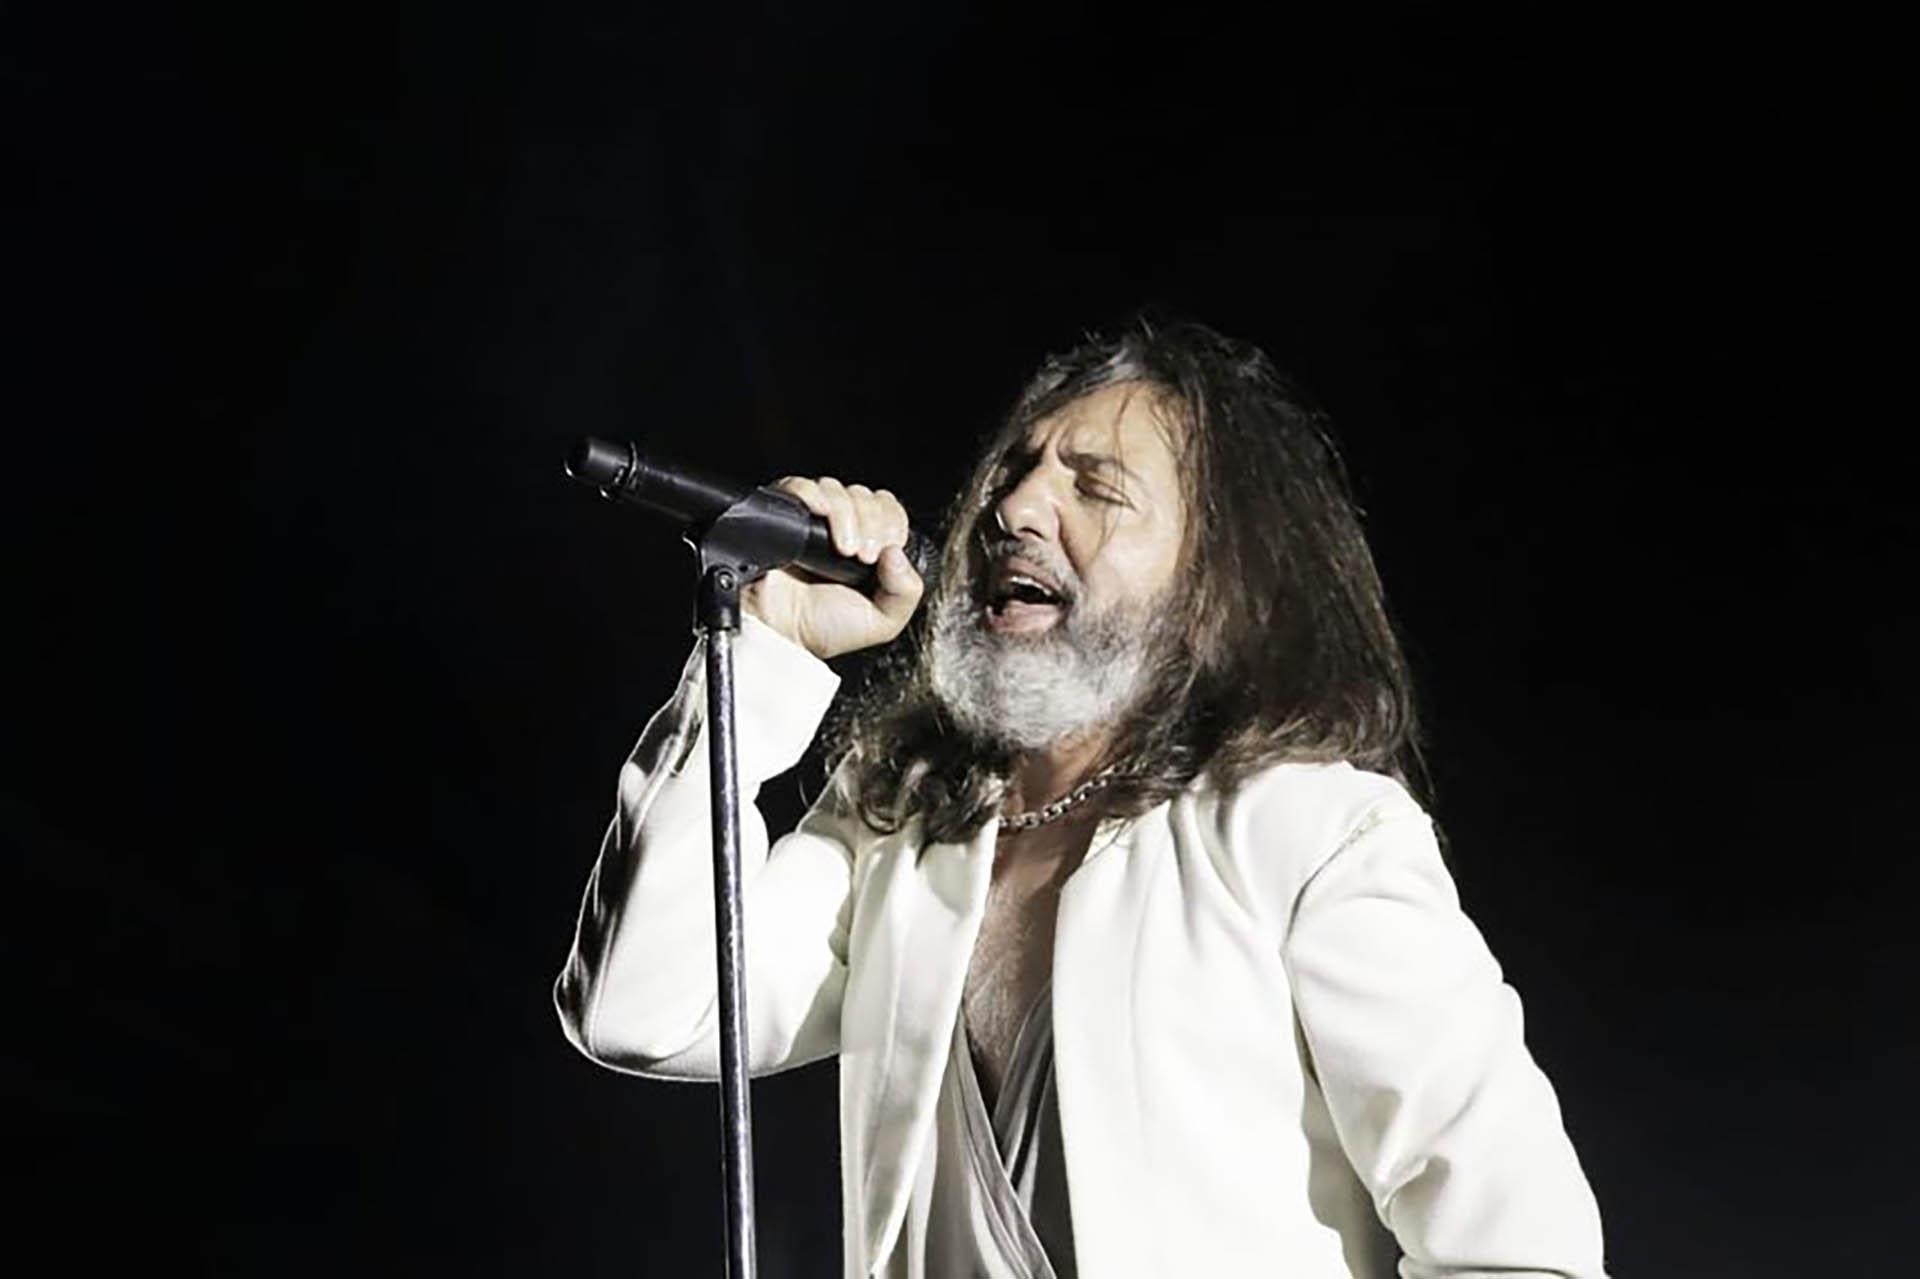 Se celebró Rock en Baradero, el festival de bandas que se celebra todos los años. Adrián Dárgelos junto a su banda Babasónicos cerró el espectáculo